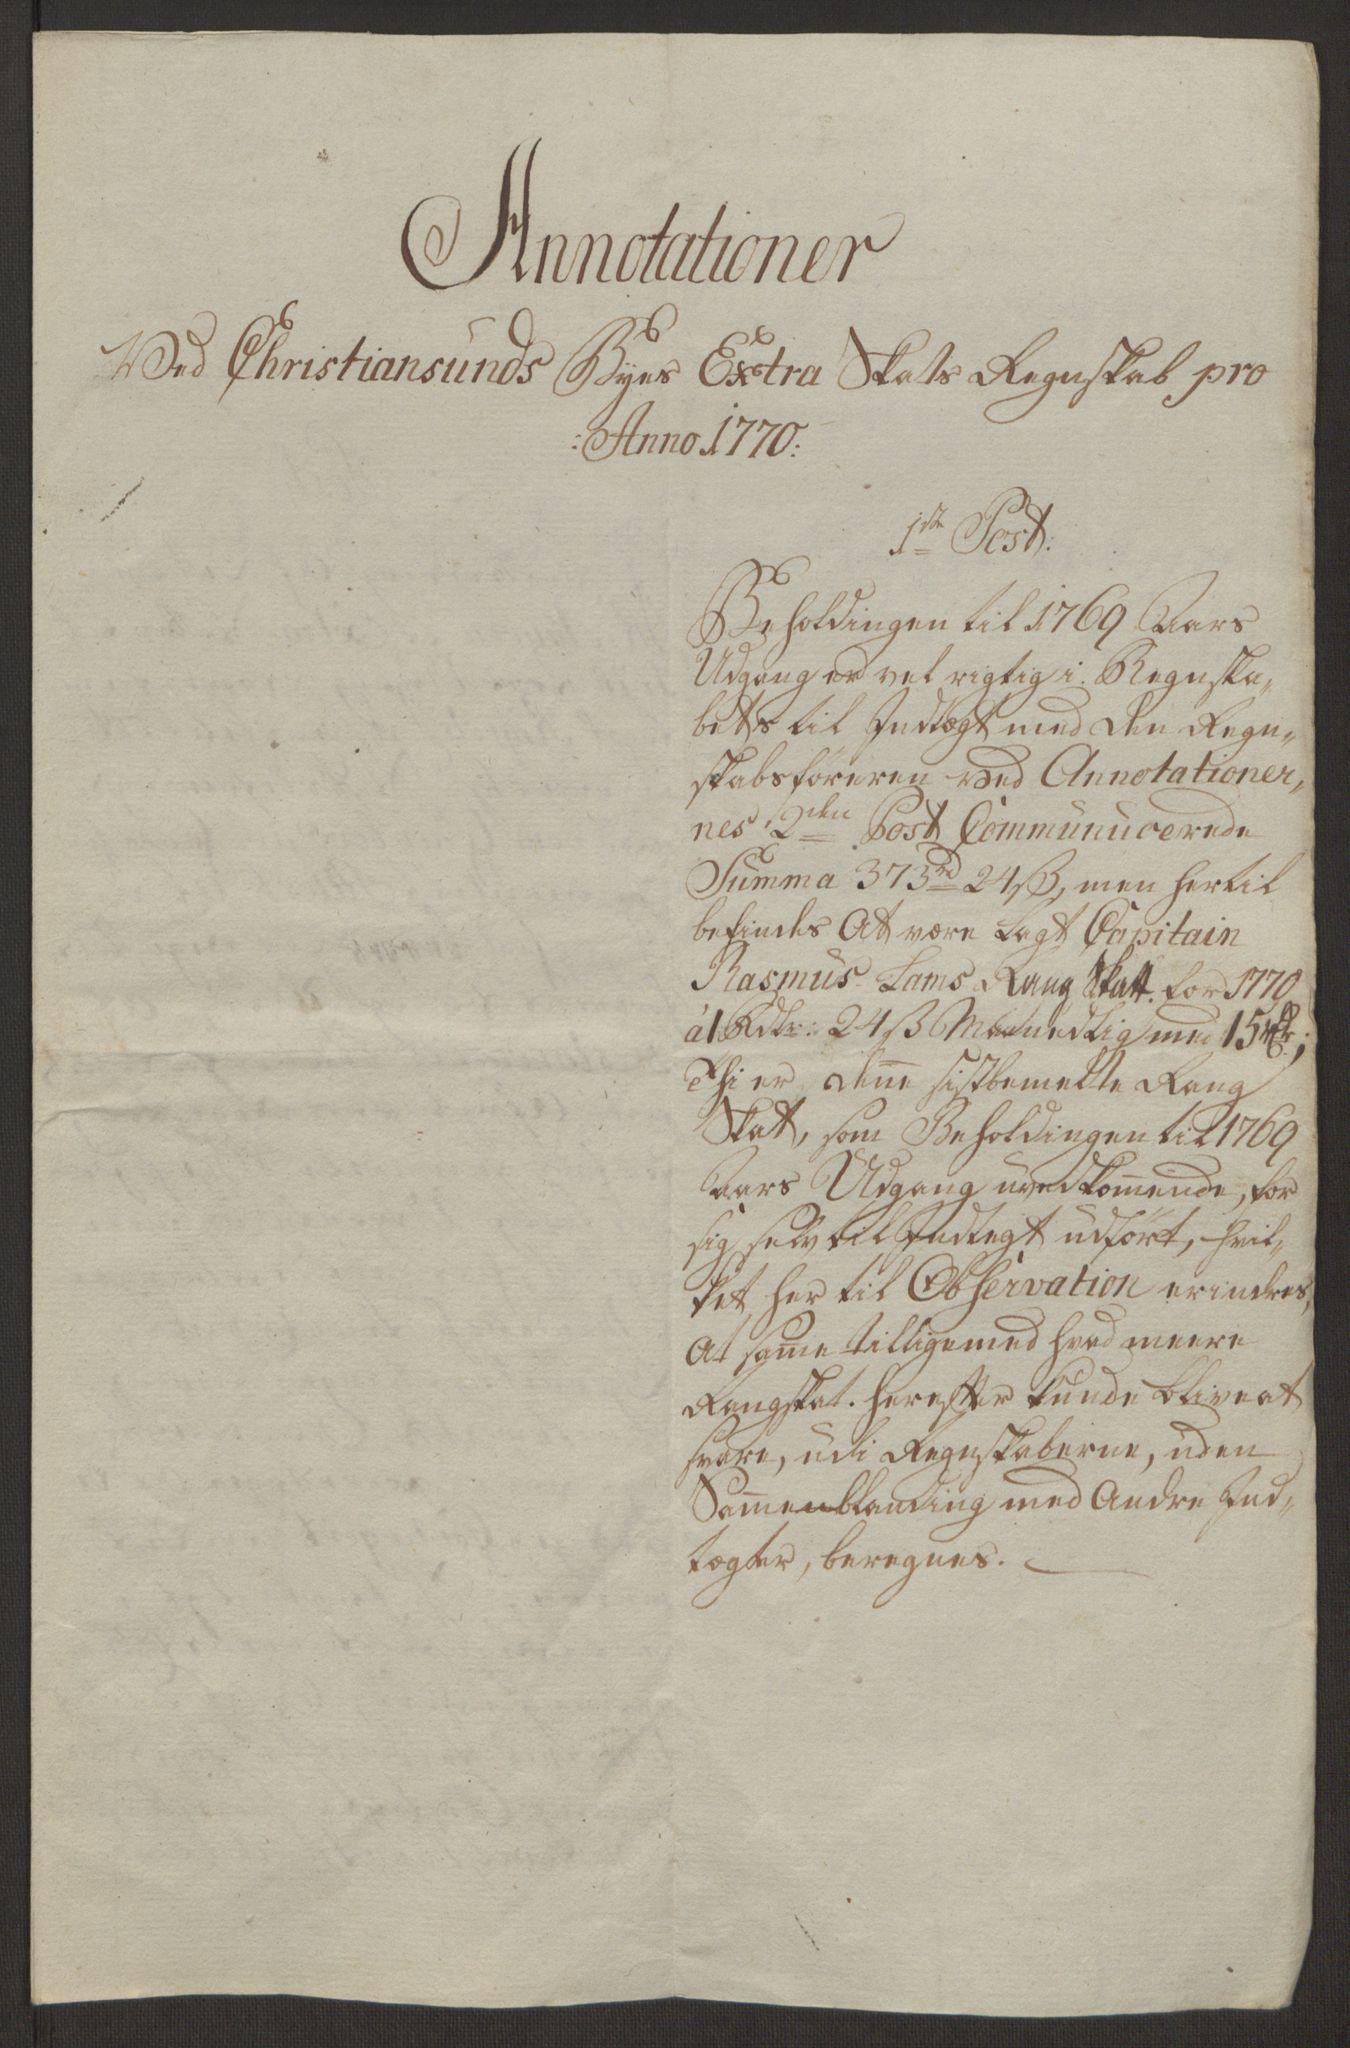 RA, Rentekammeret inntil 1814, Reviderte regnskaper, Byregnskaper, R/Rr/L0495: [R1] Kontribusjonsregnskap, 1762-1772, s. 253